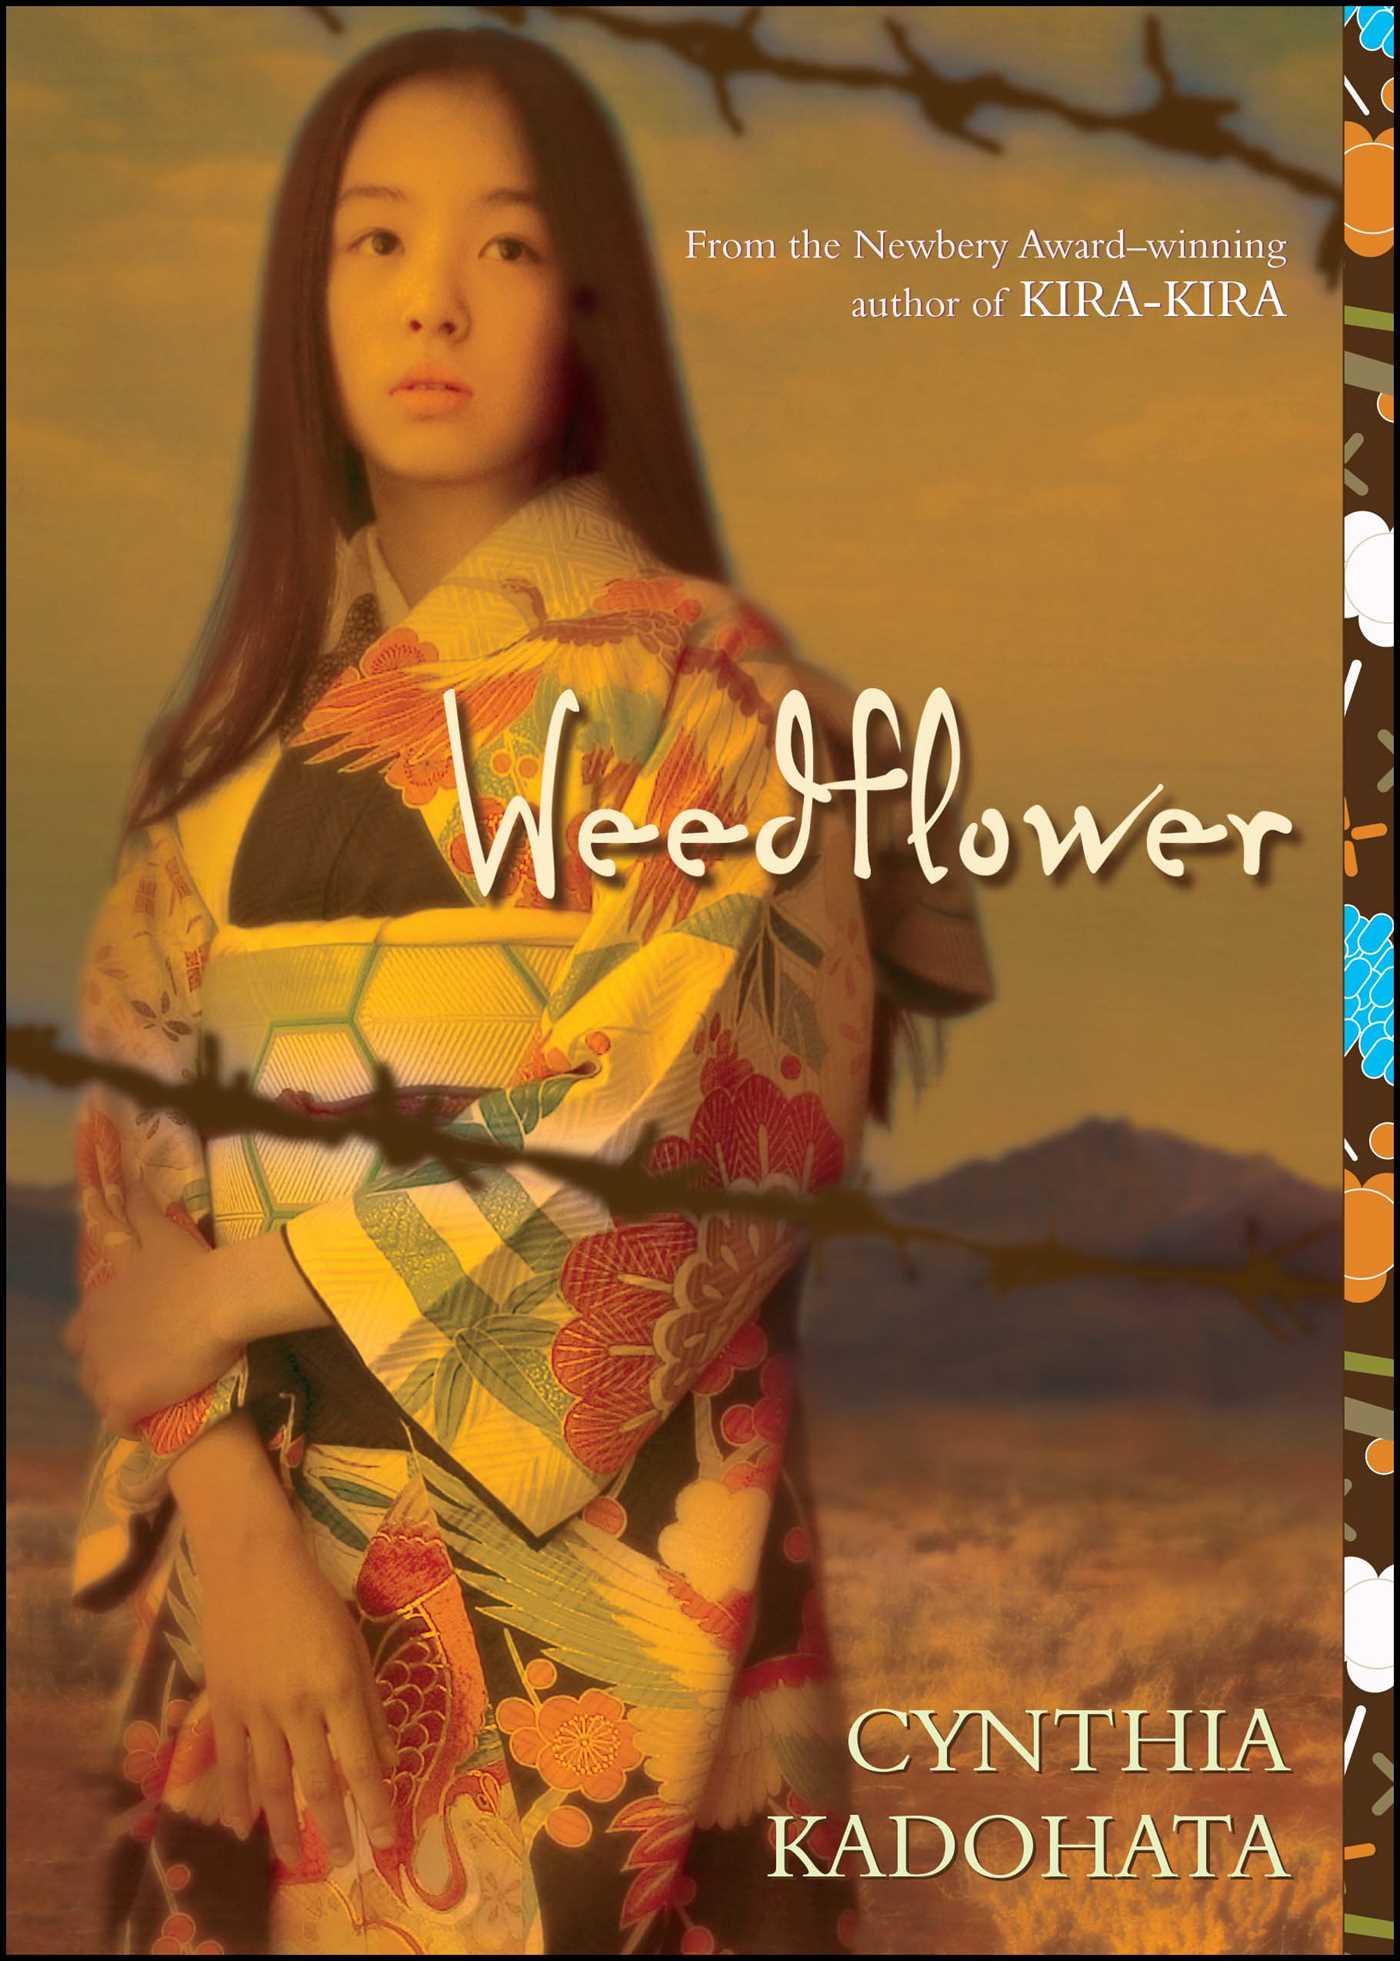 Weedflower 9780689865749 hr